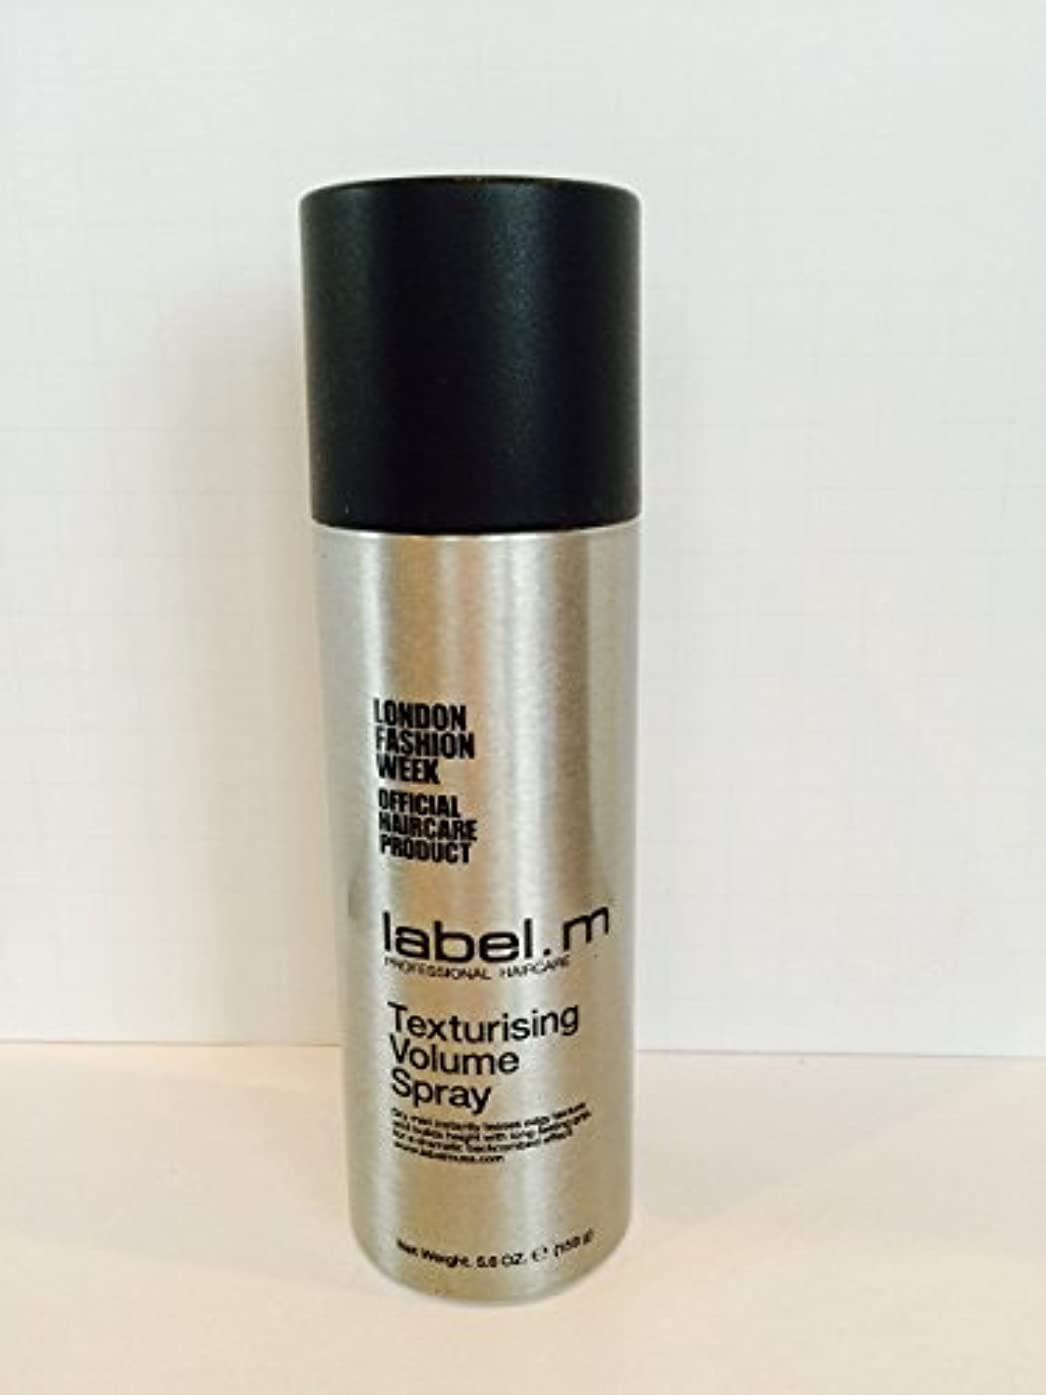 戦闘バランスカスタムLabel.M Professional Haircare Label.Mテクスチャーボリュームスプレー、5.6オンス